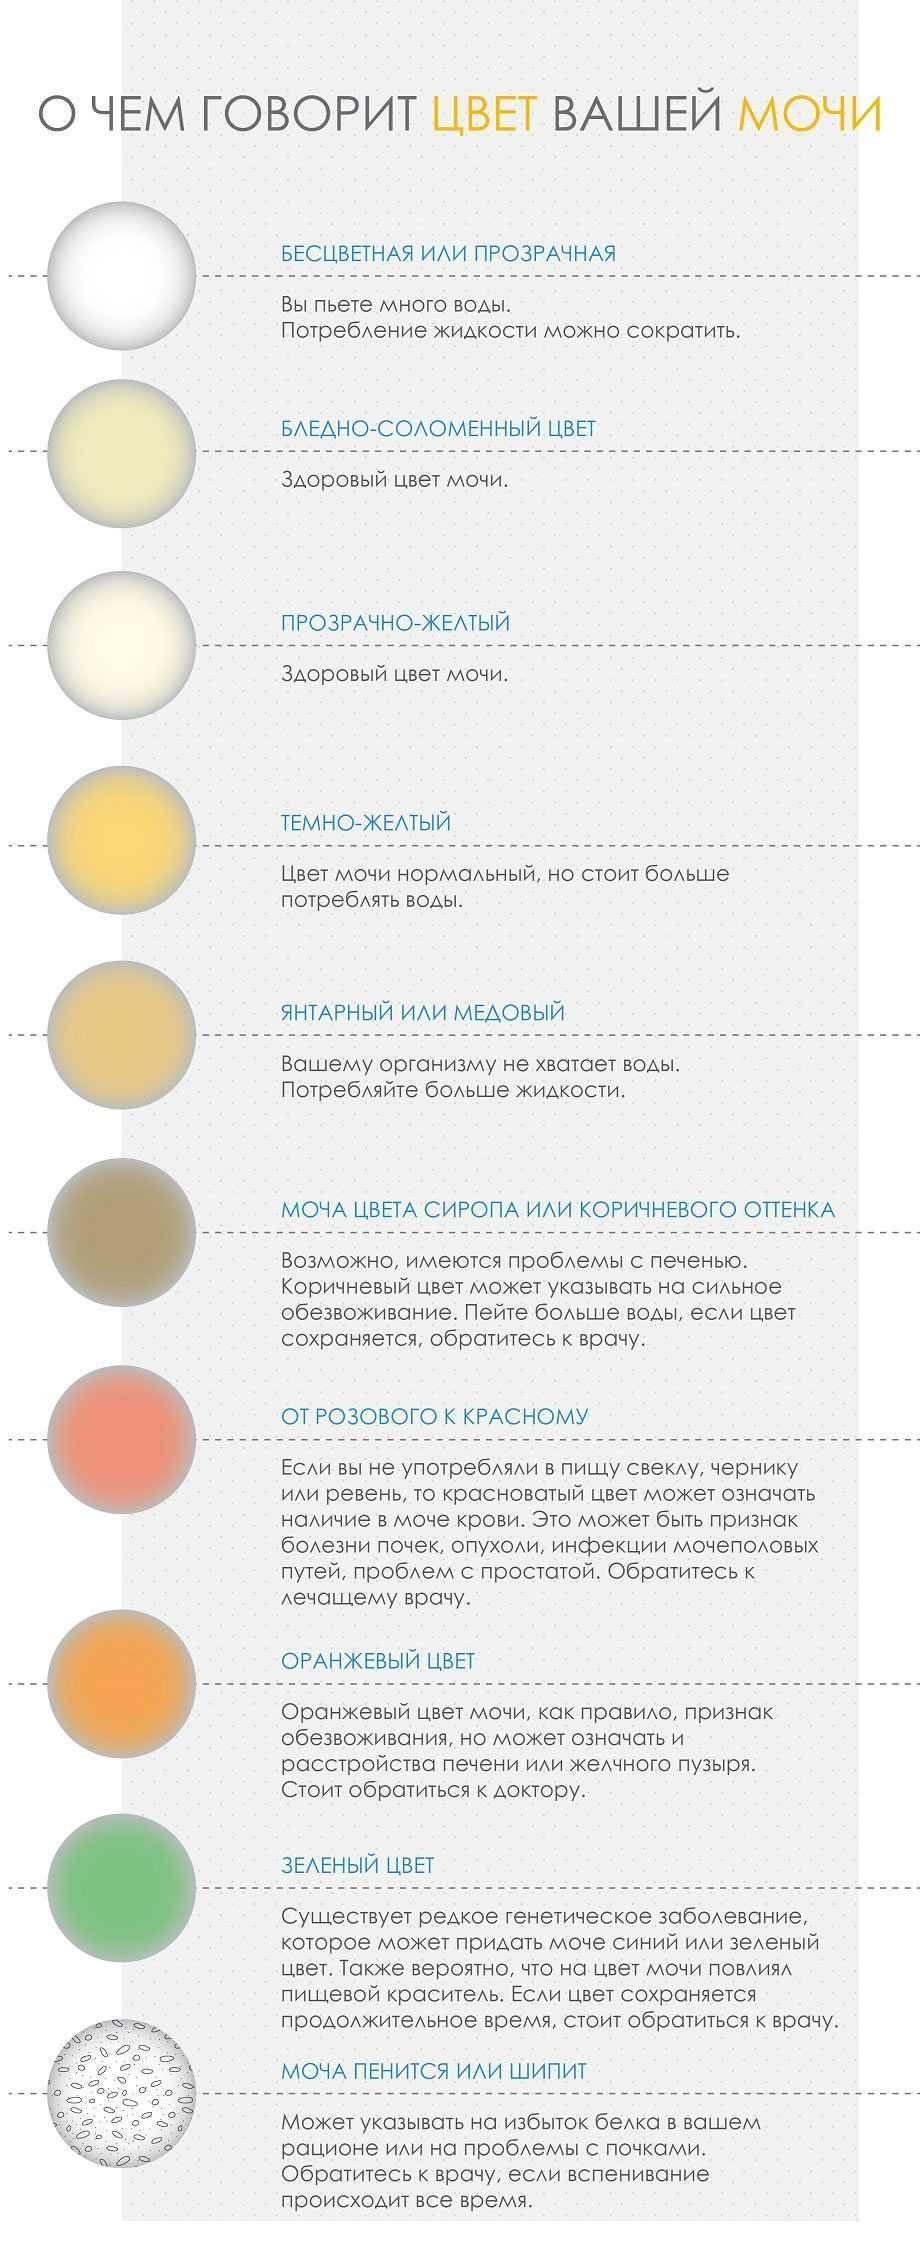 Прозрачная моча: причины почему она светлая или бесцветная как вода